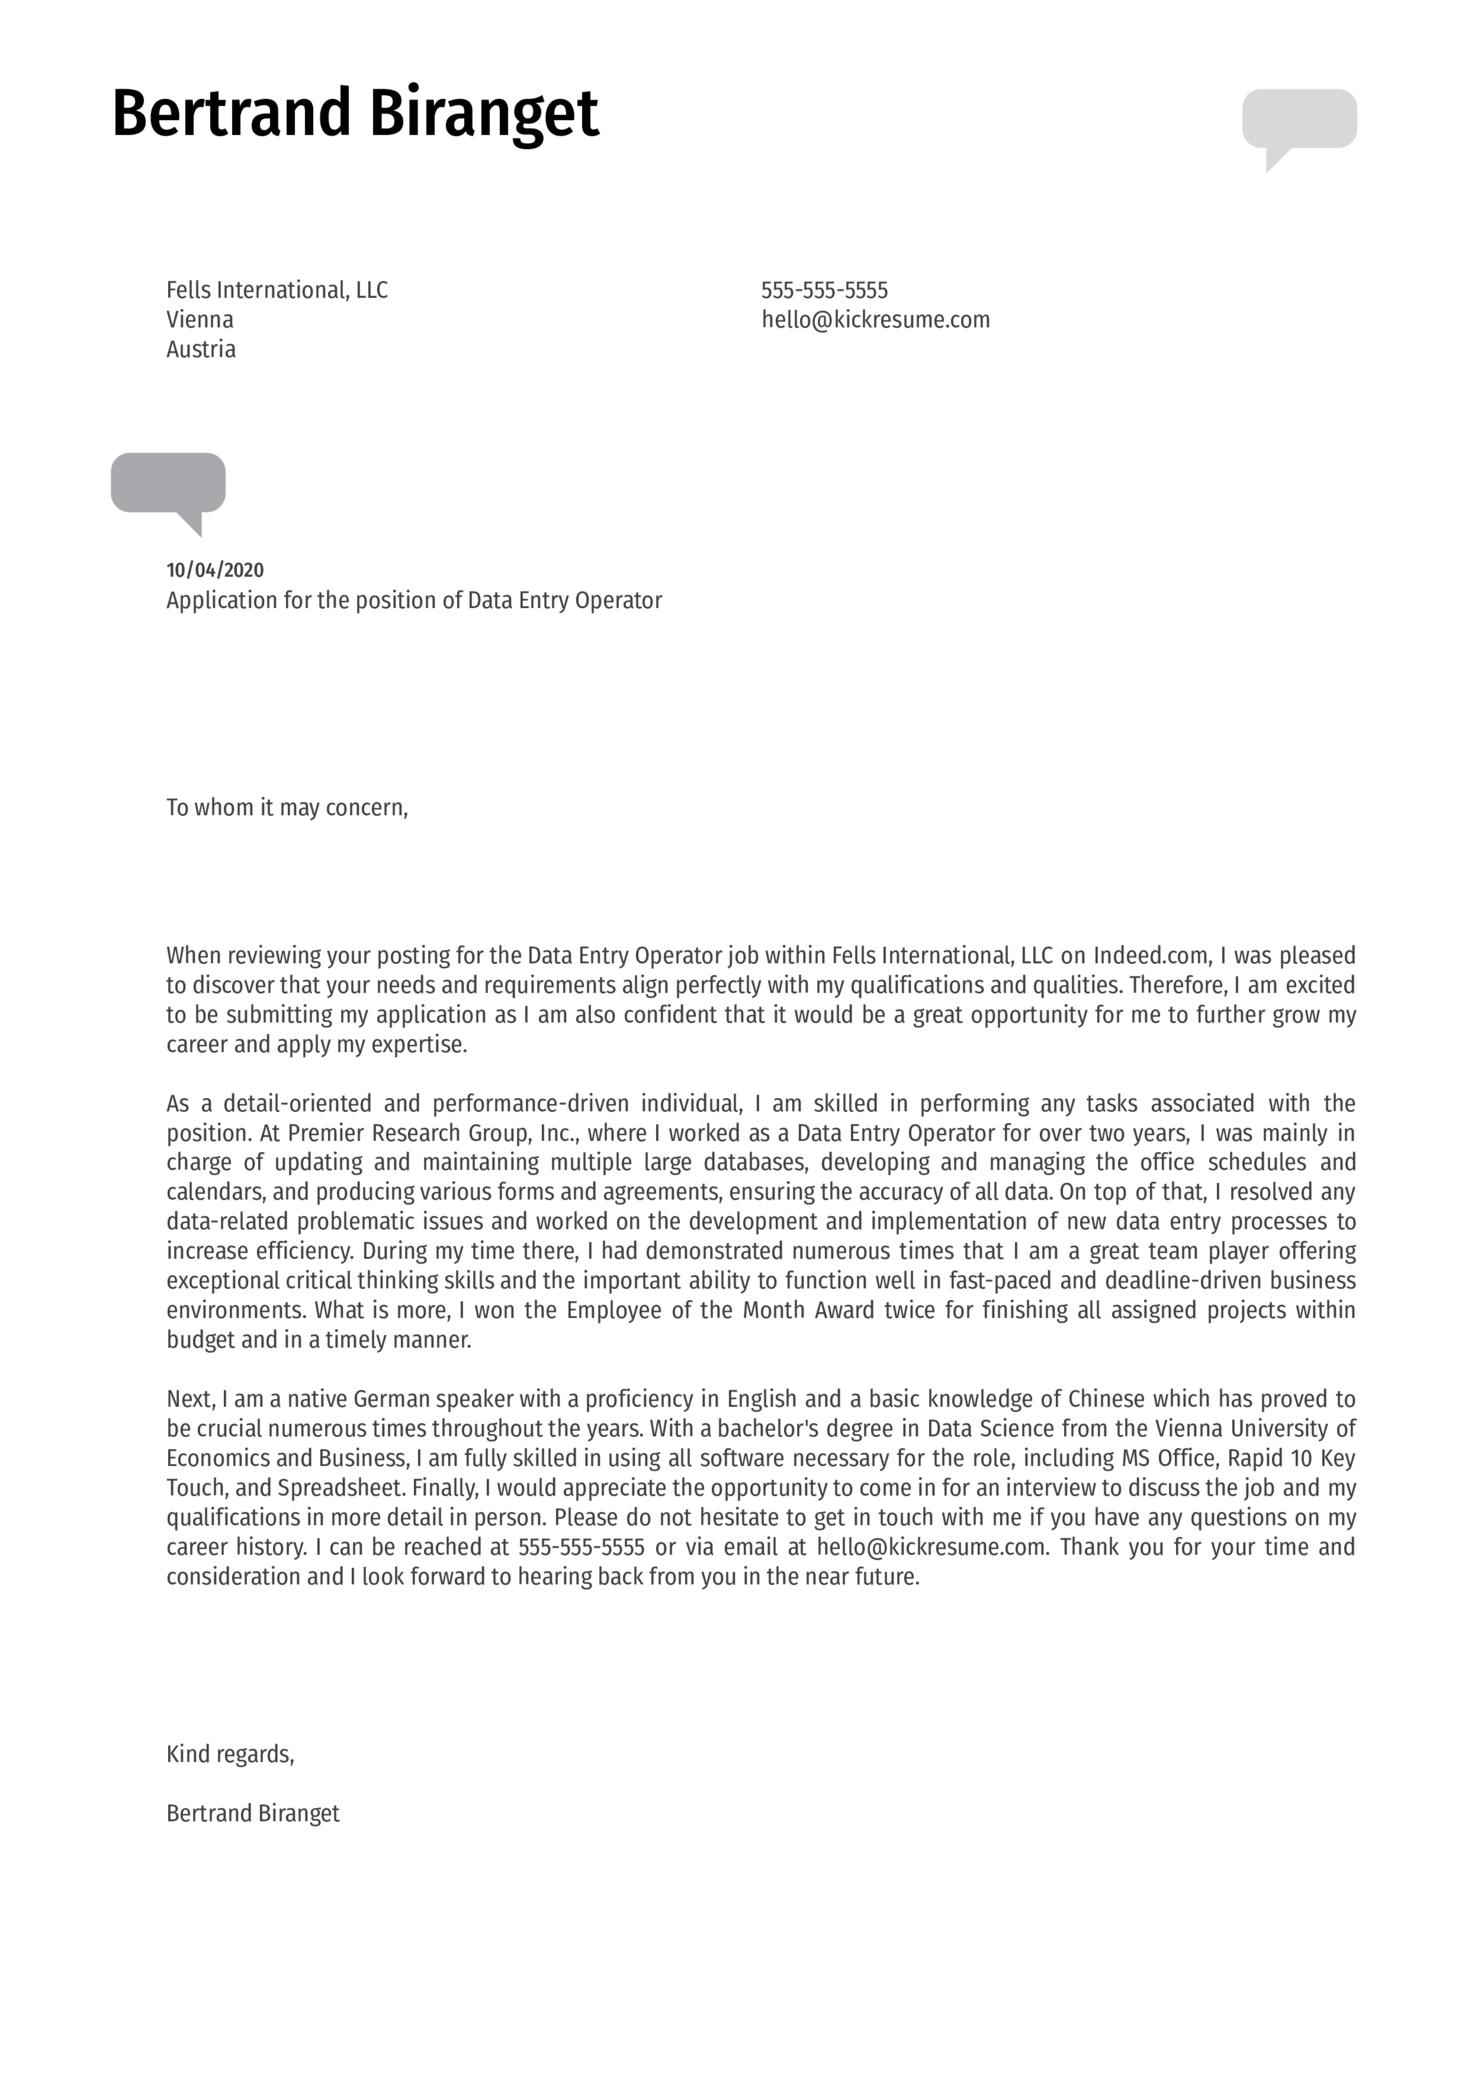 Data Entry Operator Cover Letter Sample